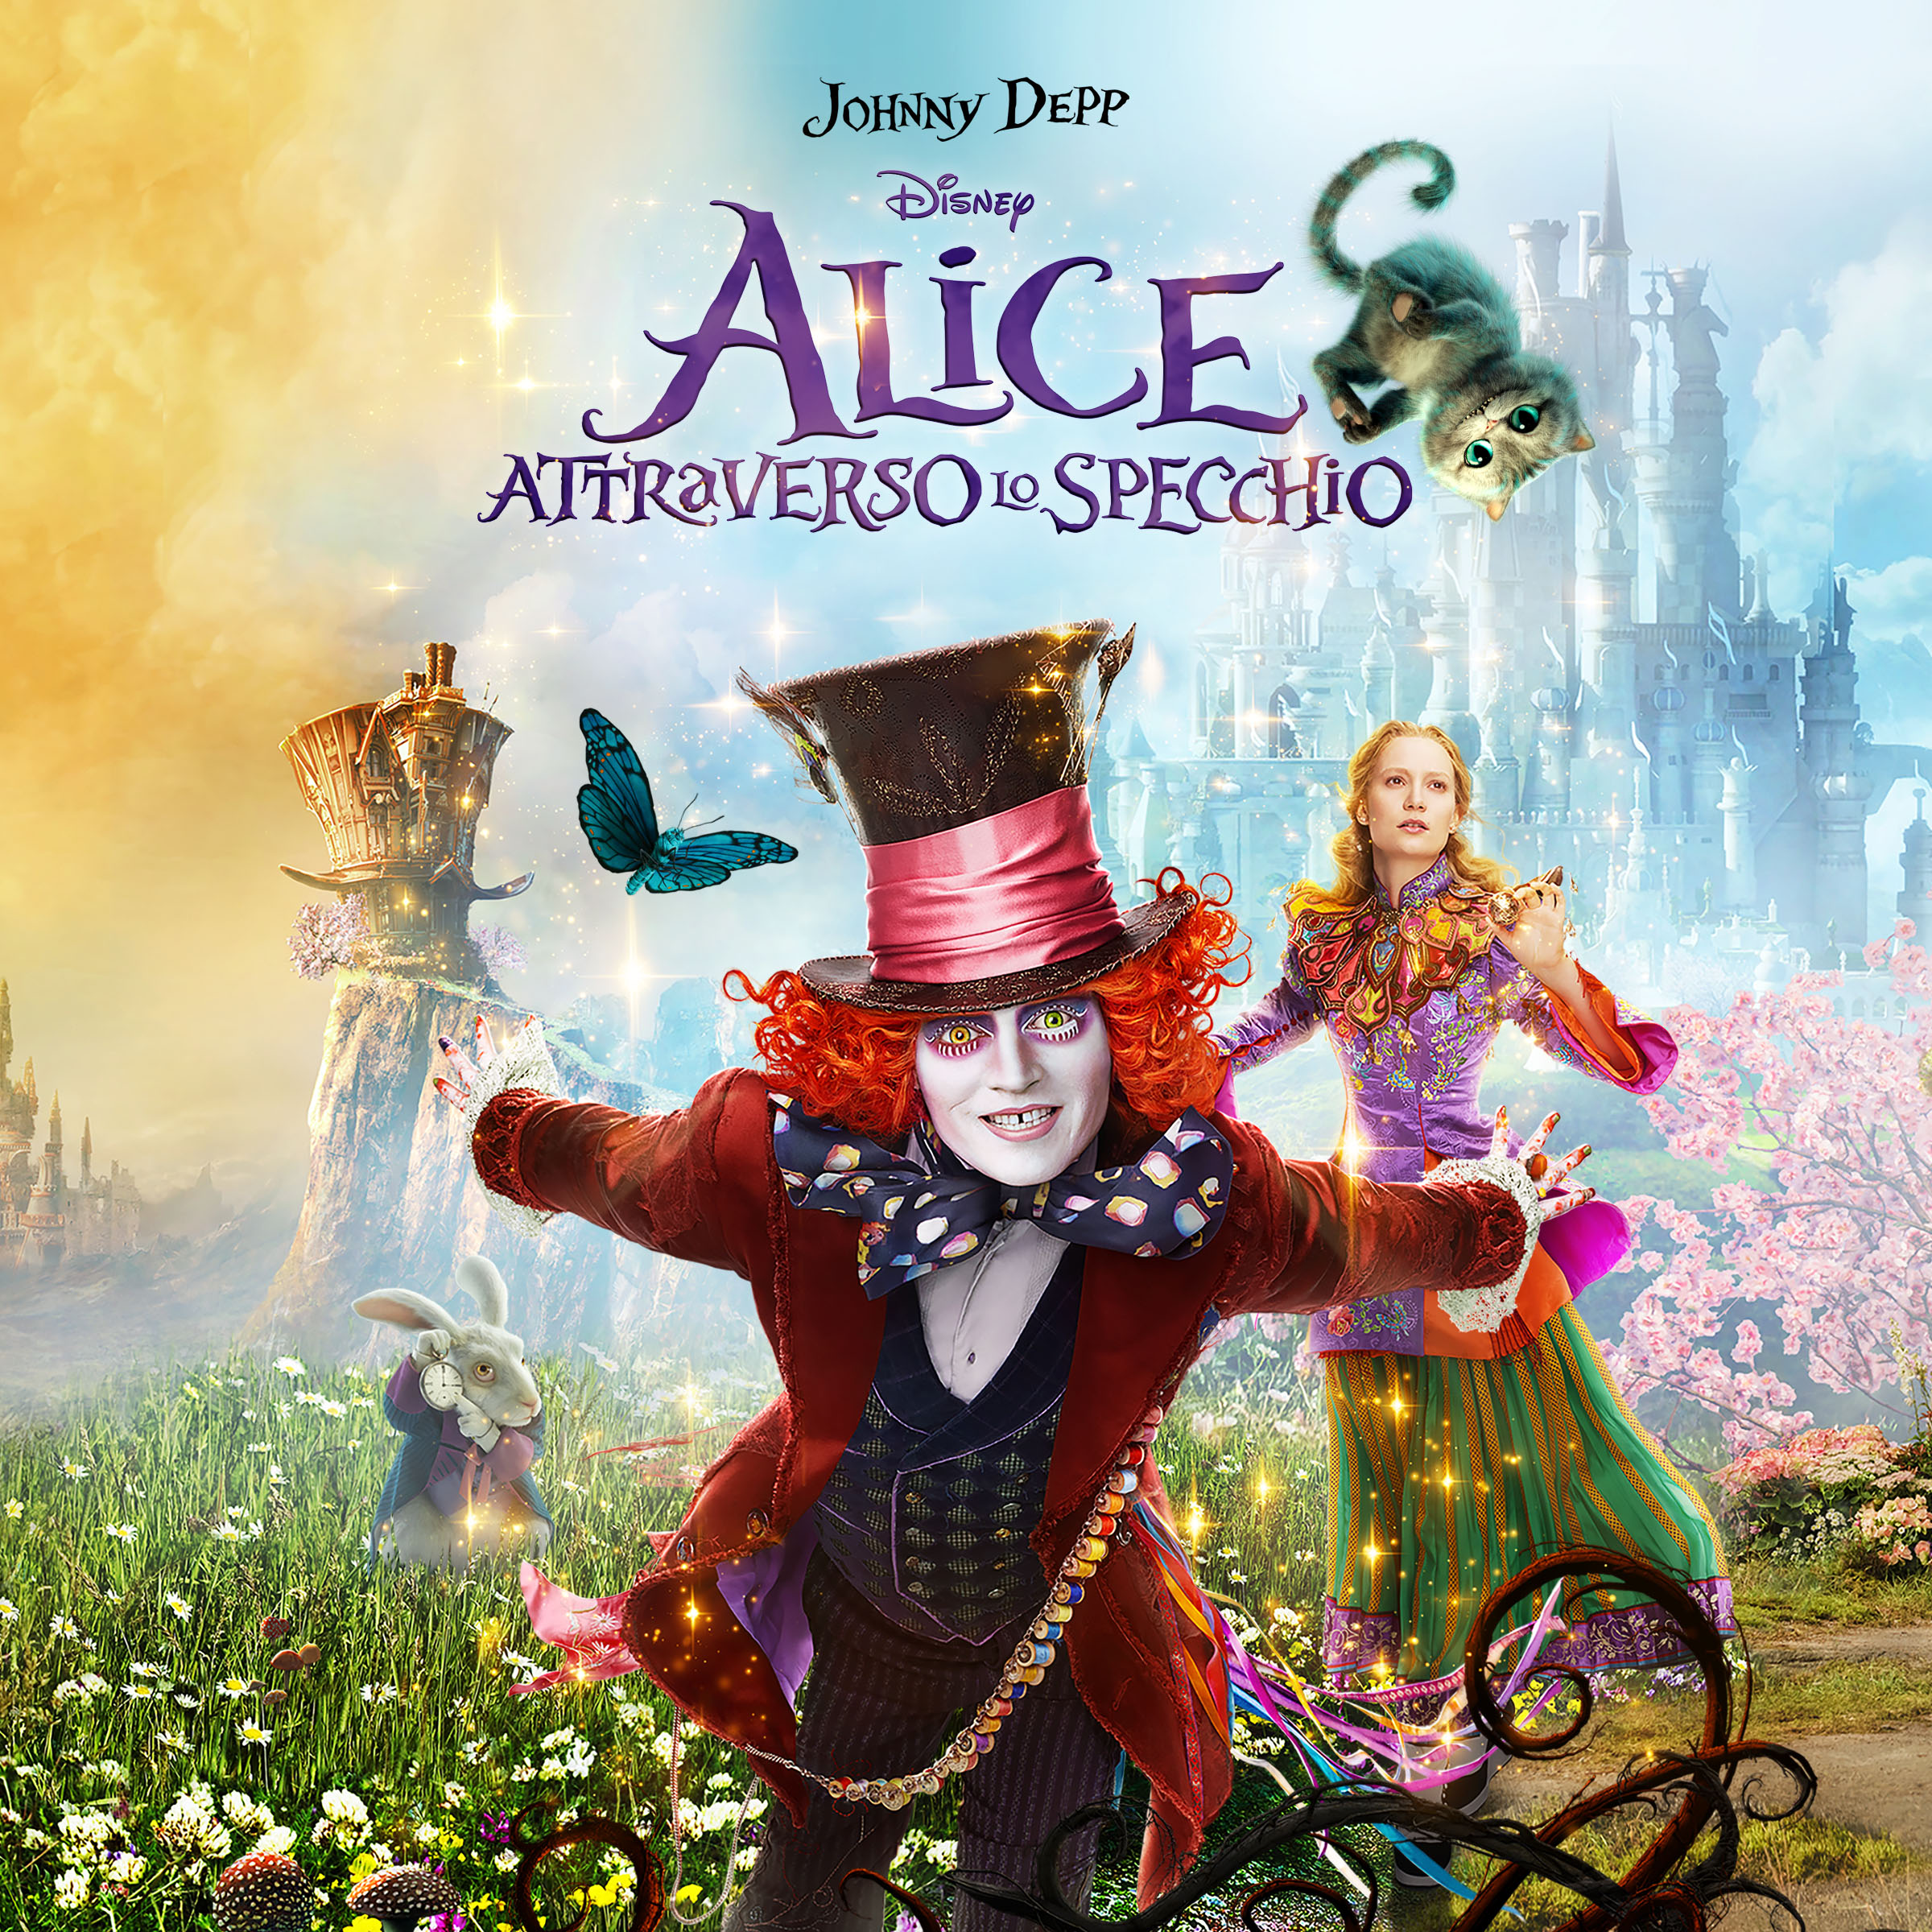 Alice attraverso lo specchio - Film alice attraverso lo specchio ...